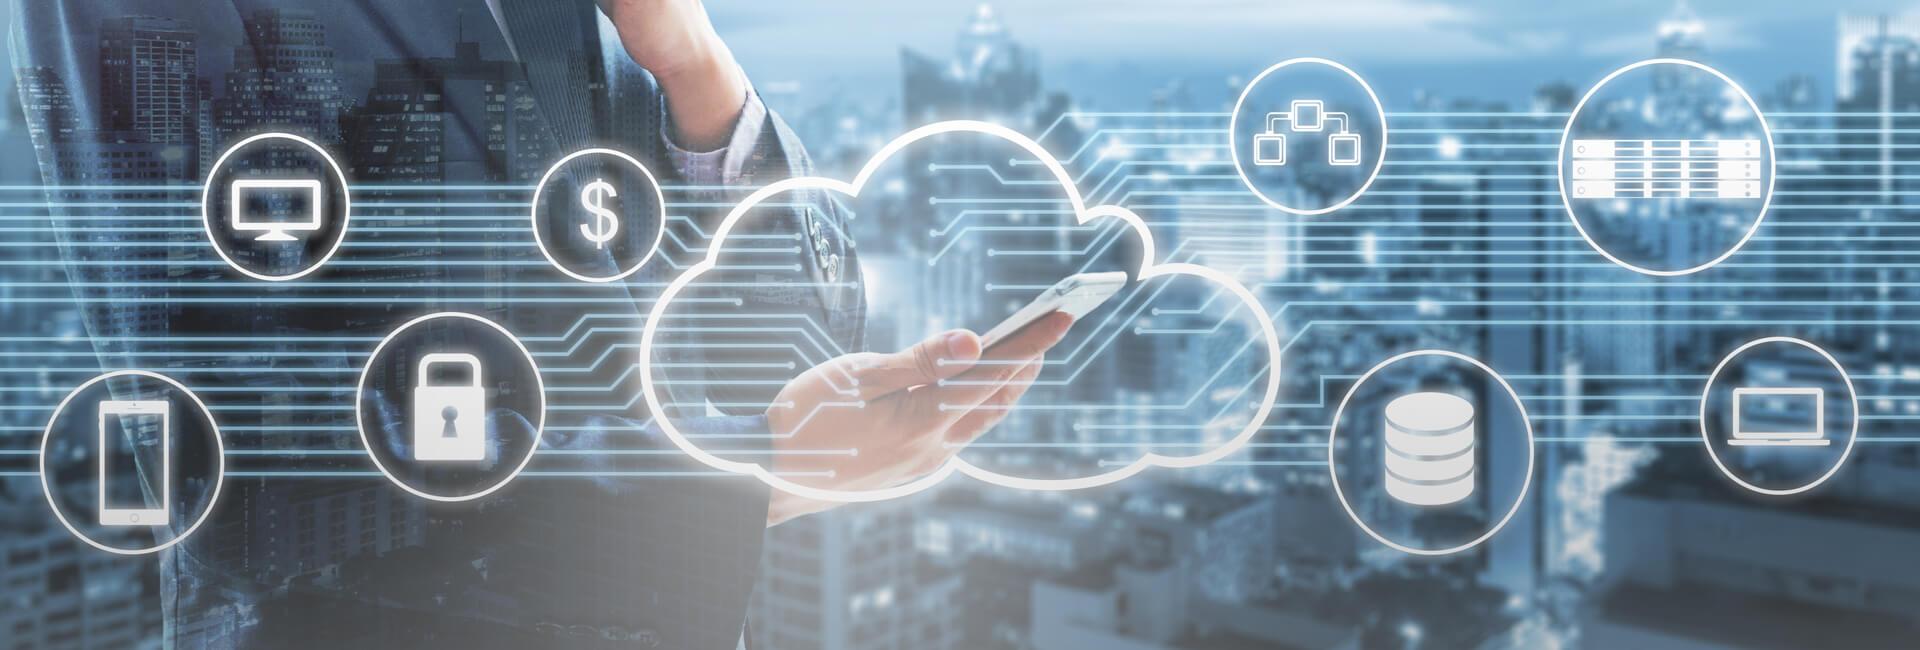 Perché hai bisogno di un Cloud Provider fuoriclasse per progetti più core